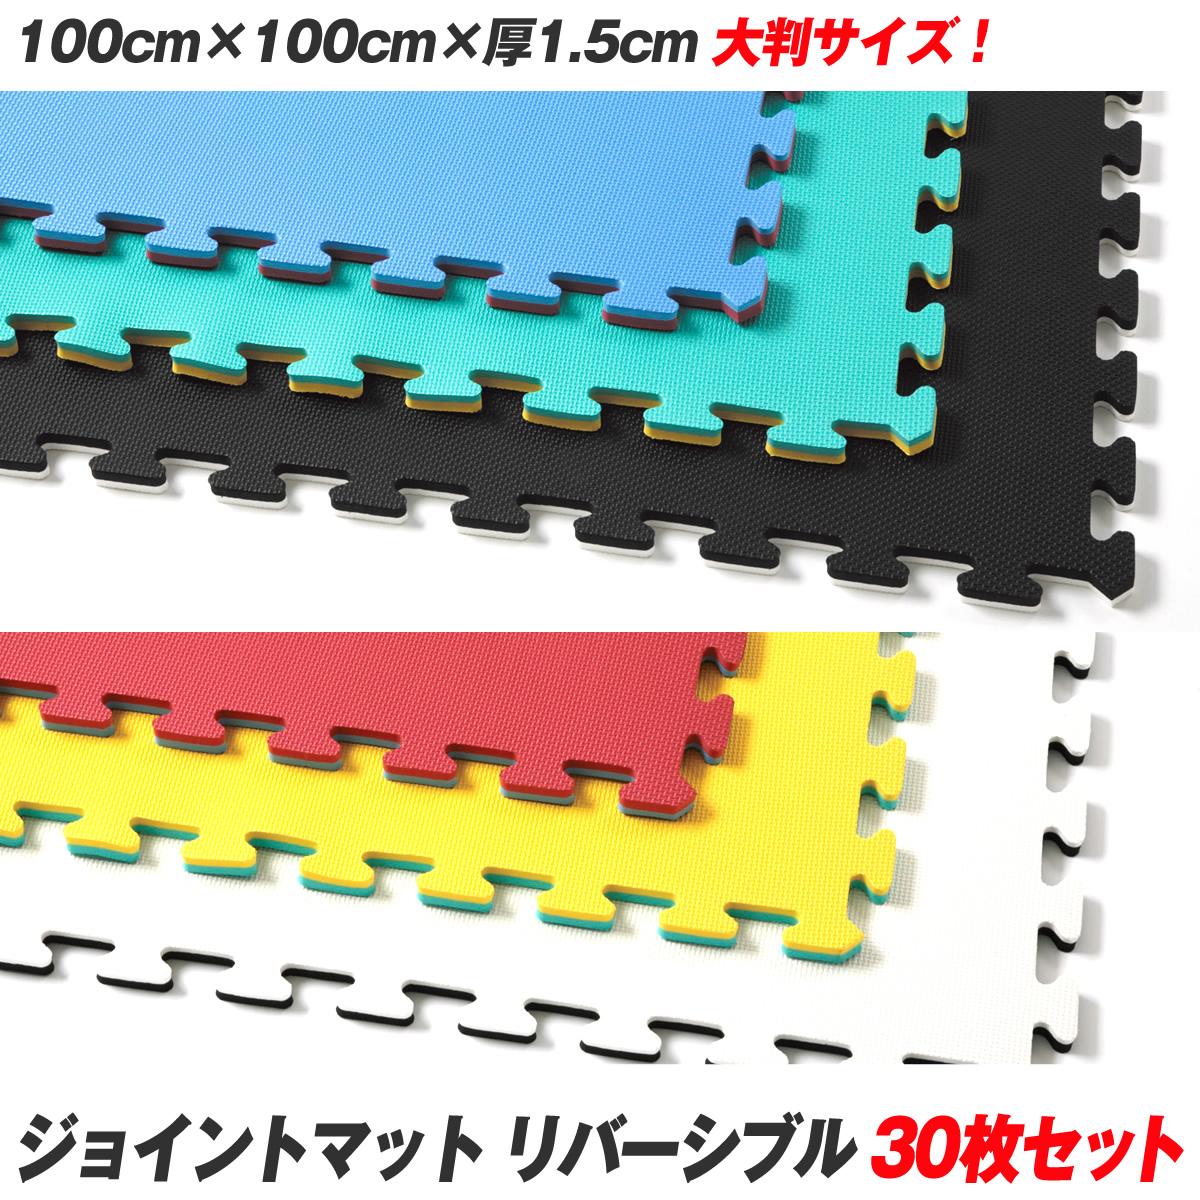 ジョイントマット リバーシブル 30枚セット / 100cm×100cm×厚1.5cm 大判 厚手 フリーカット 防音 トレーニング